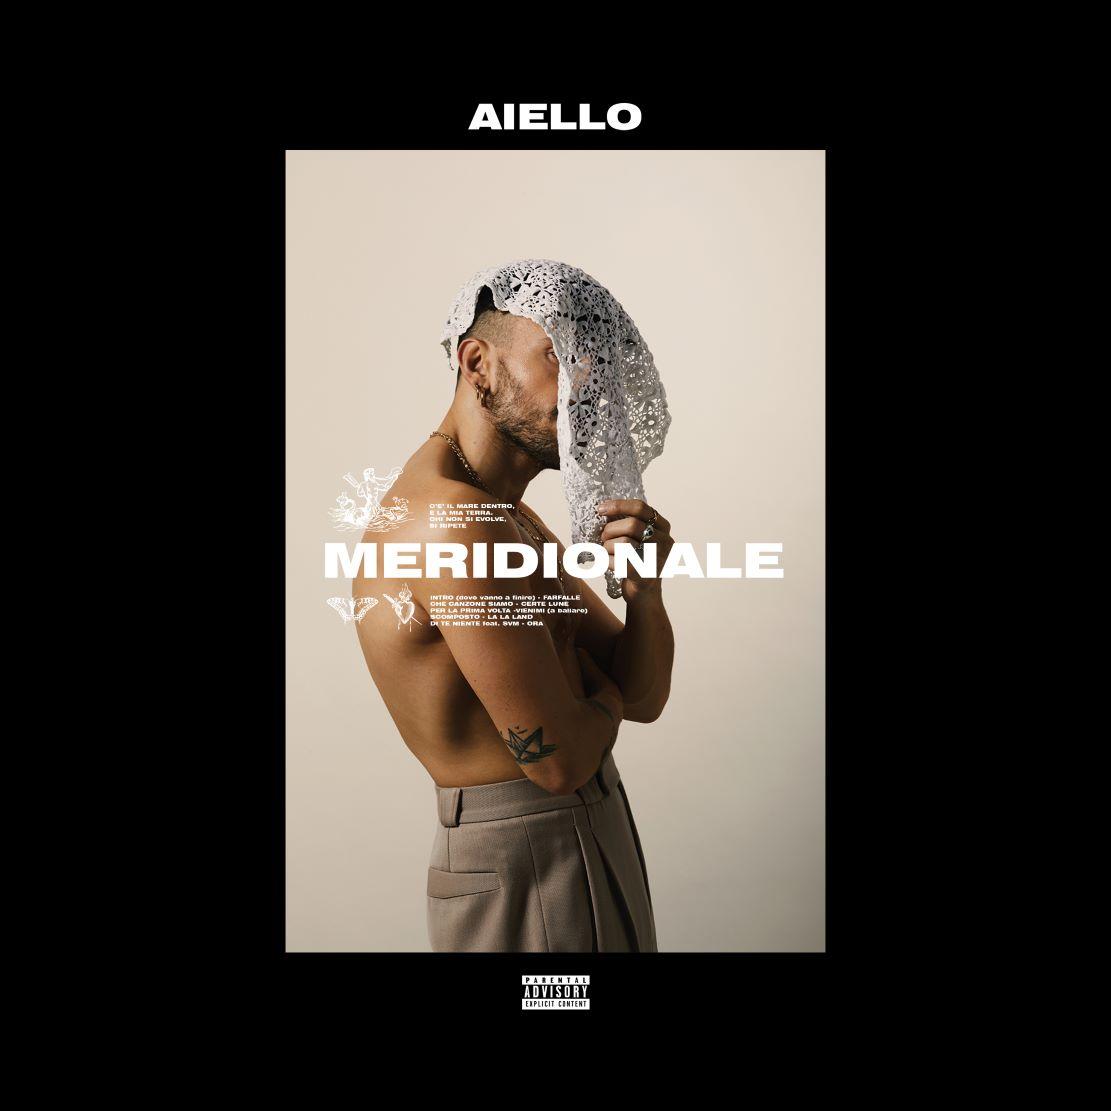 aiello-album-e-tour---immagini-COVER_MERIDIONALE_AIELLO222.jpg